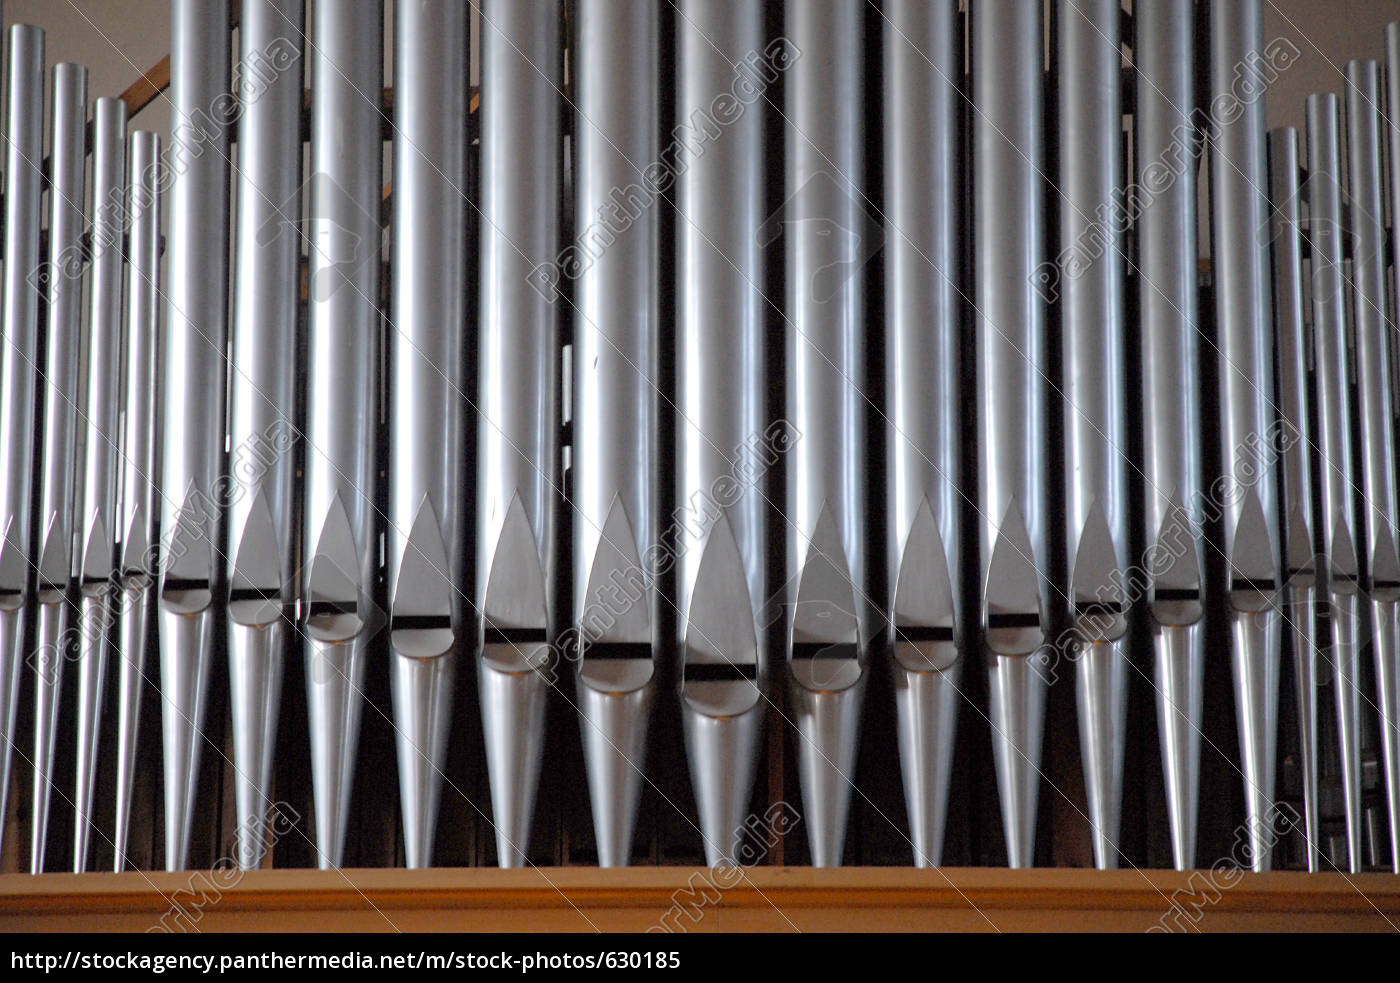 organ, pipes - 630185